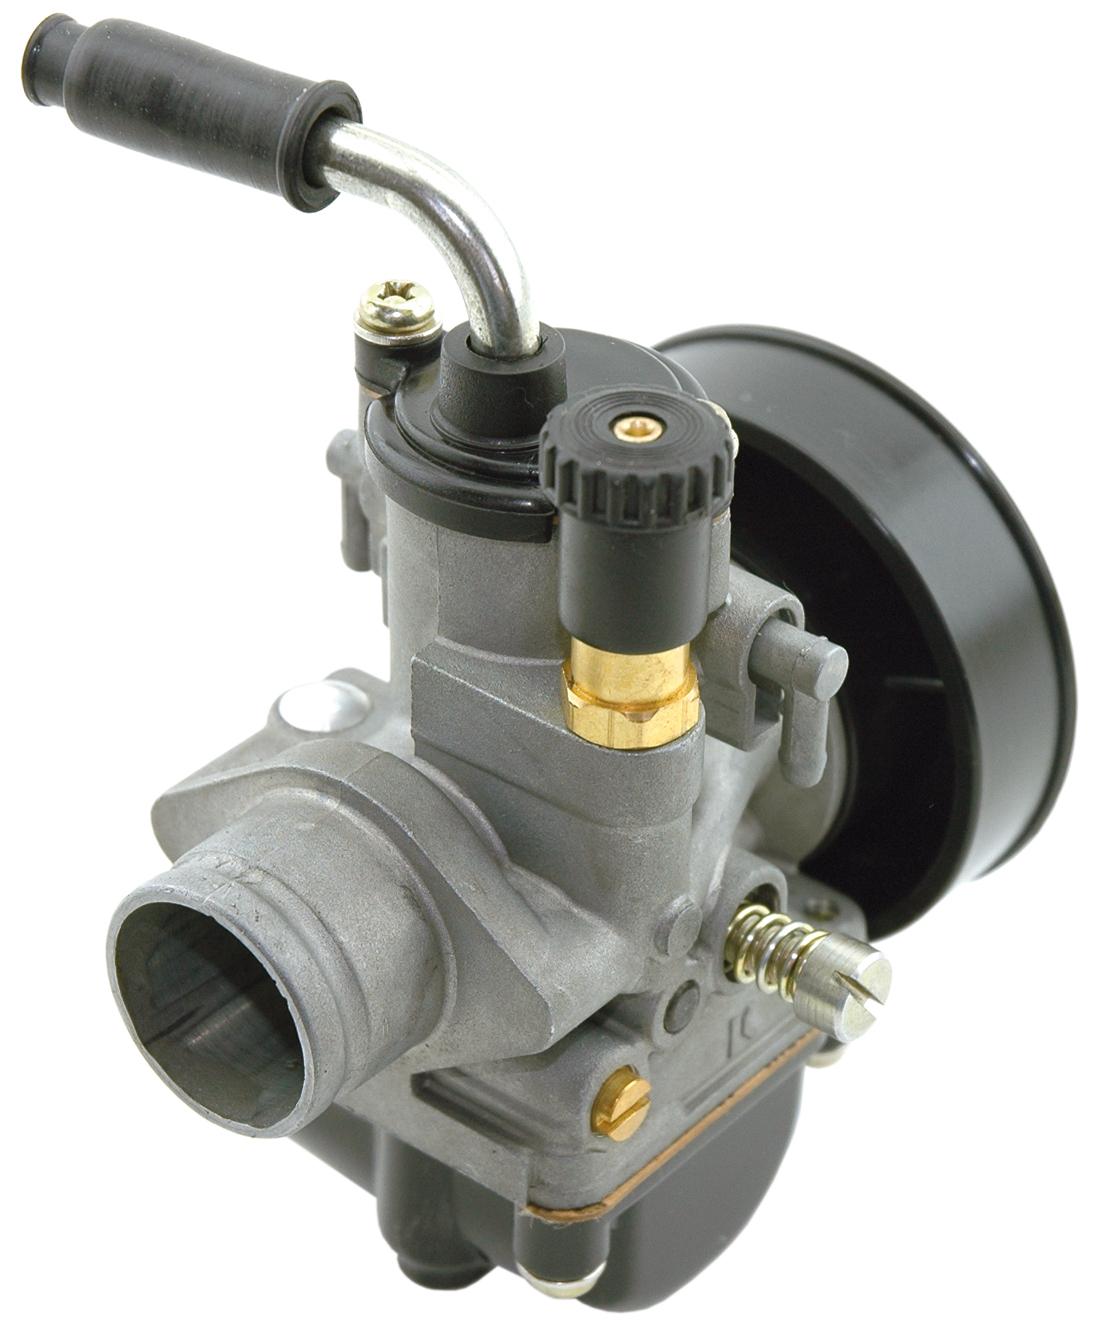 Carburator moto universal, diametru 21 mm, soc automat